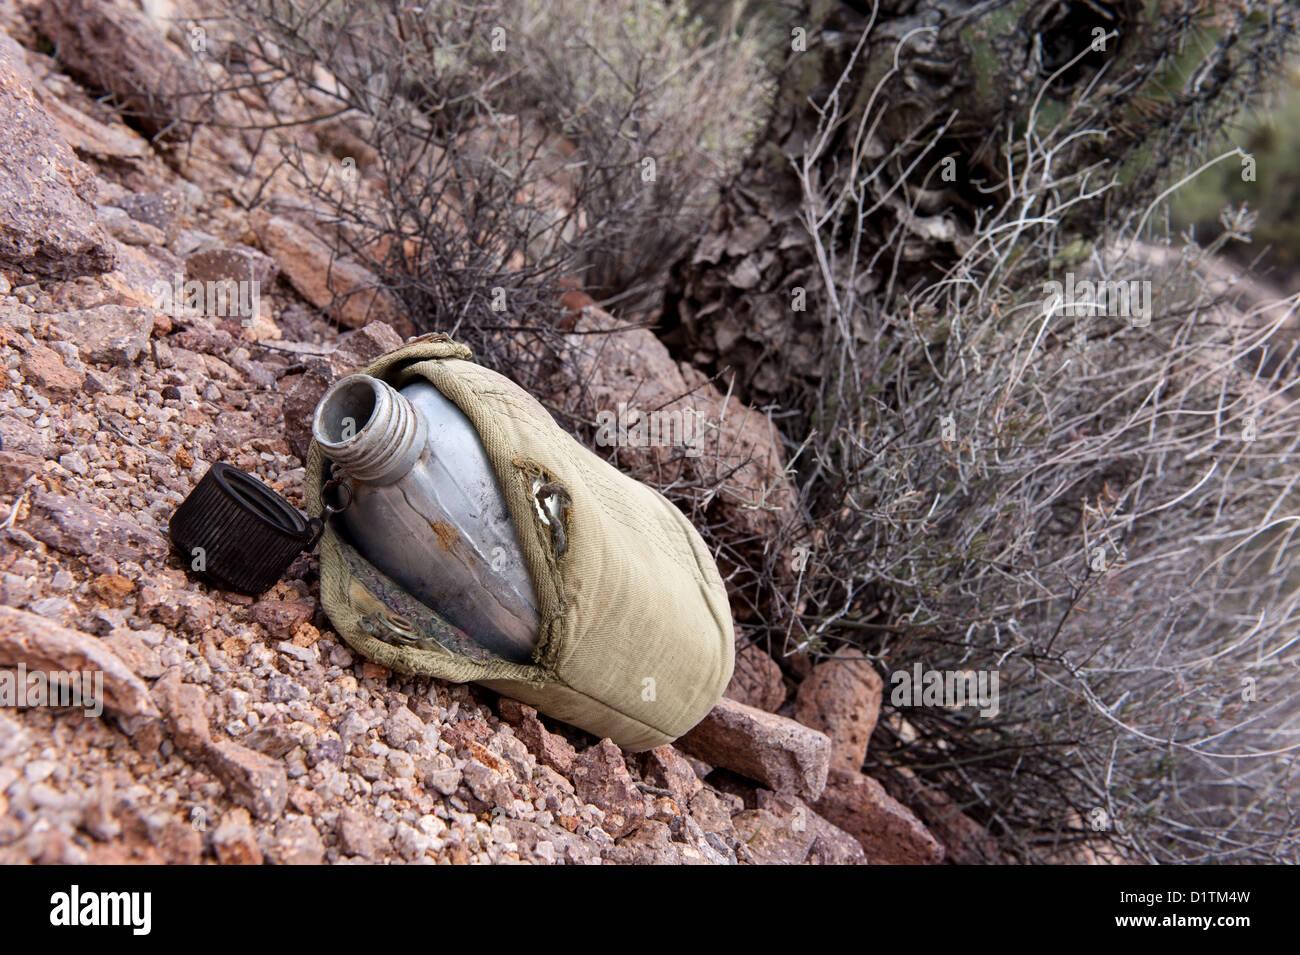 In einer trockenen, abgelegenen Wildnis der Wüste sitzt eine leere militärische Kantine vor trockenen Stockbild